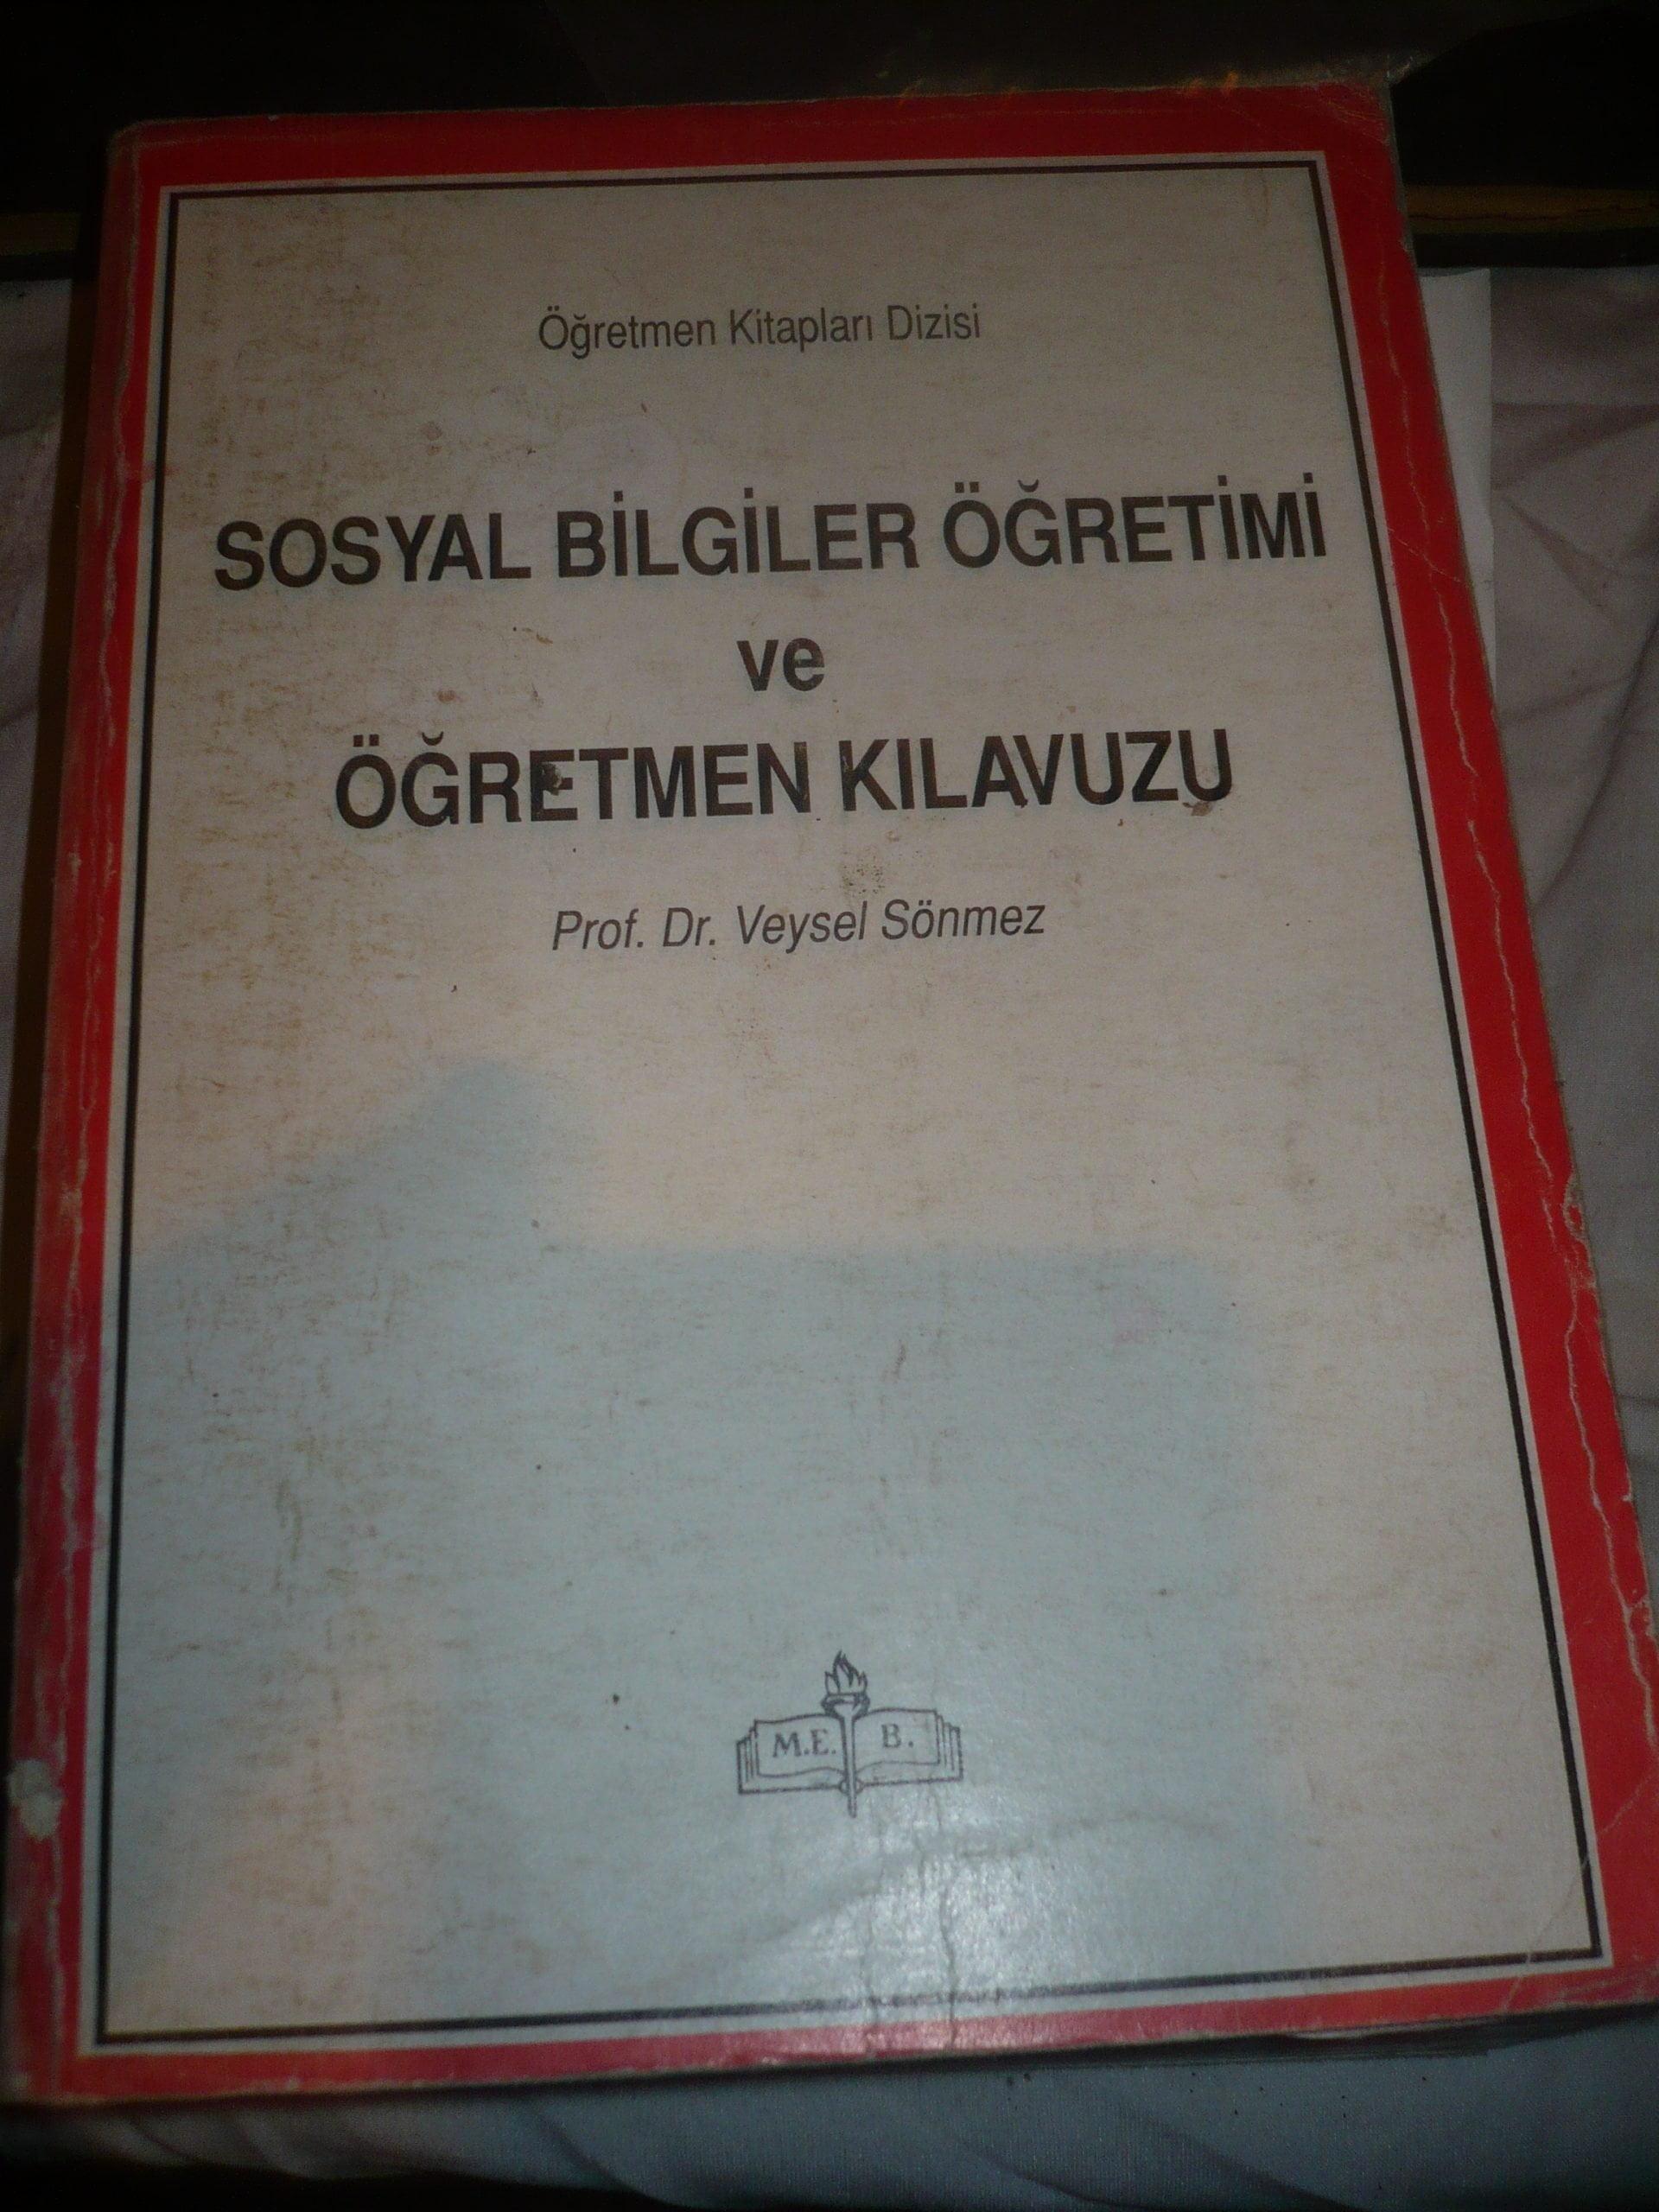 SOSYAL BİLGİLER ÖĞRETİMİ VE ÖĞRETMEN KILAVUZU/Veysel SÖNMEZ/30 TL